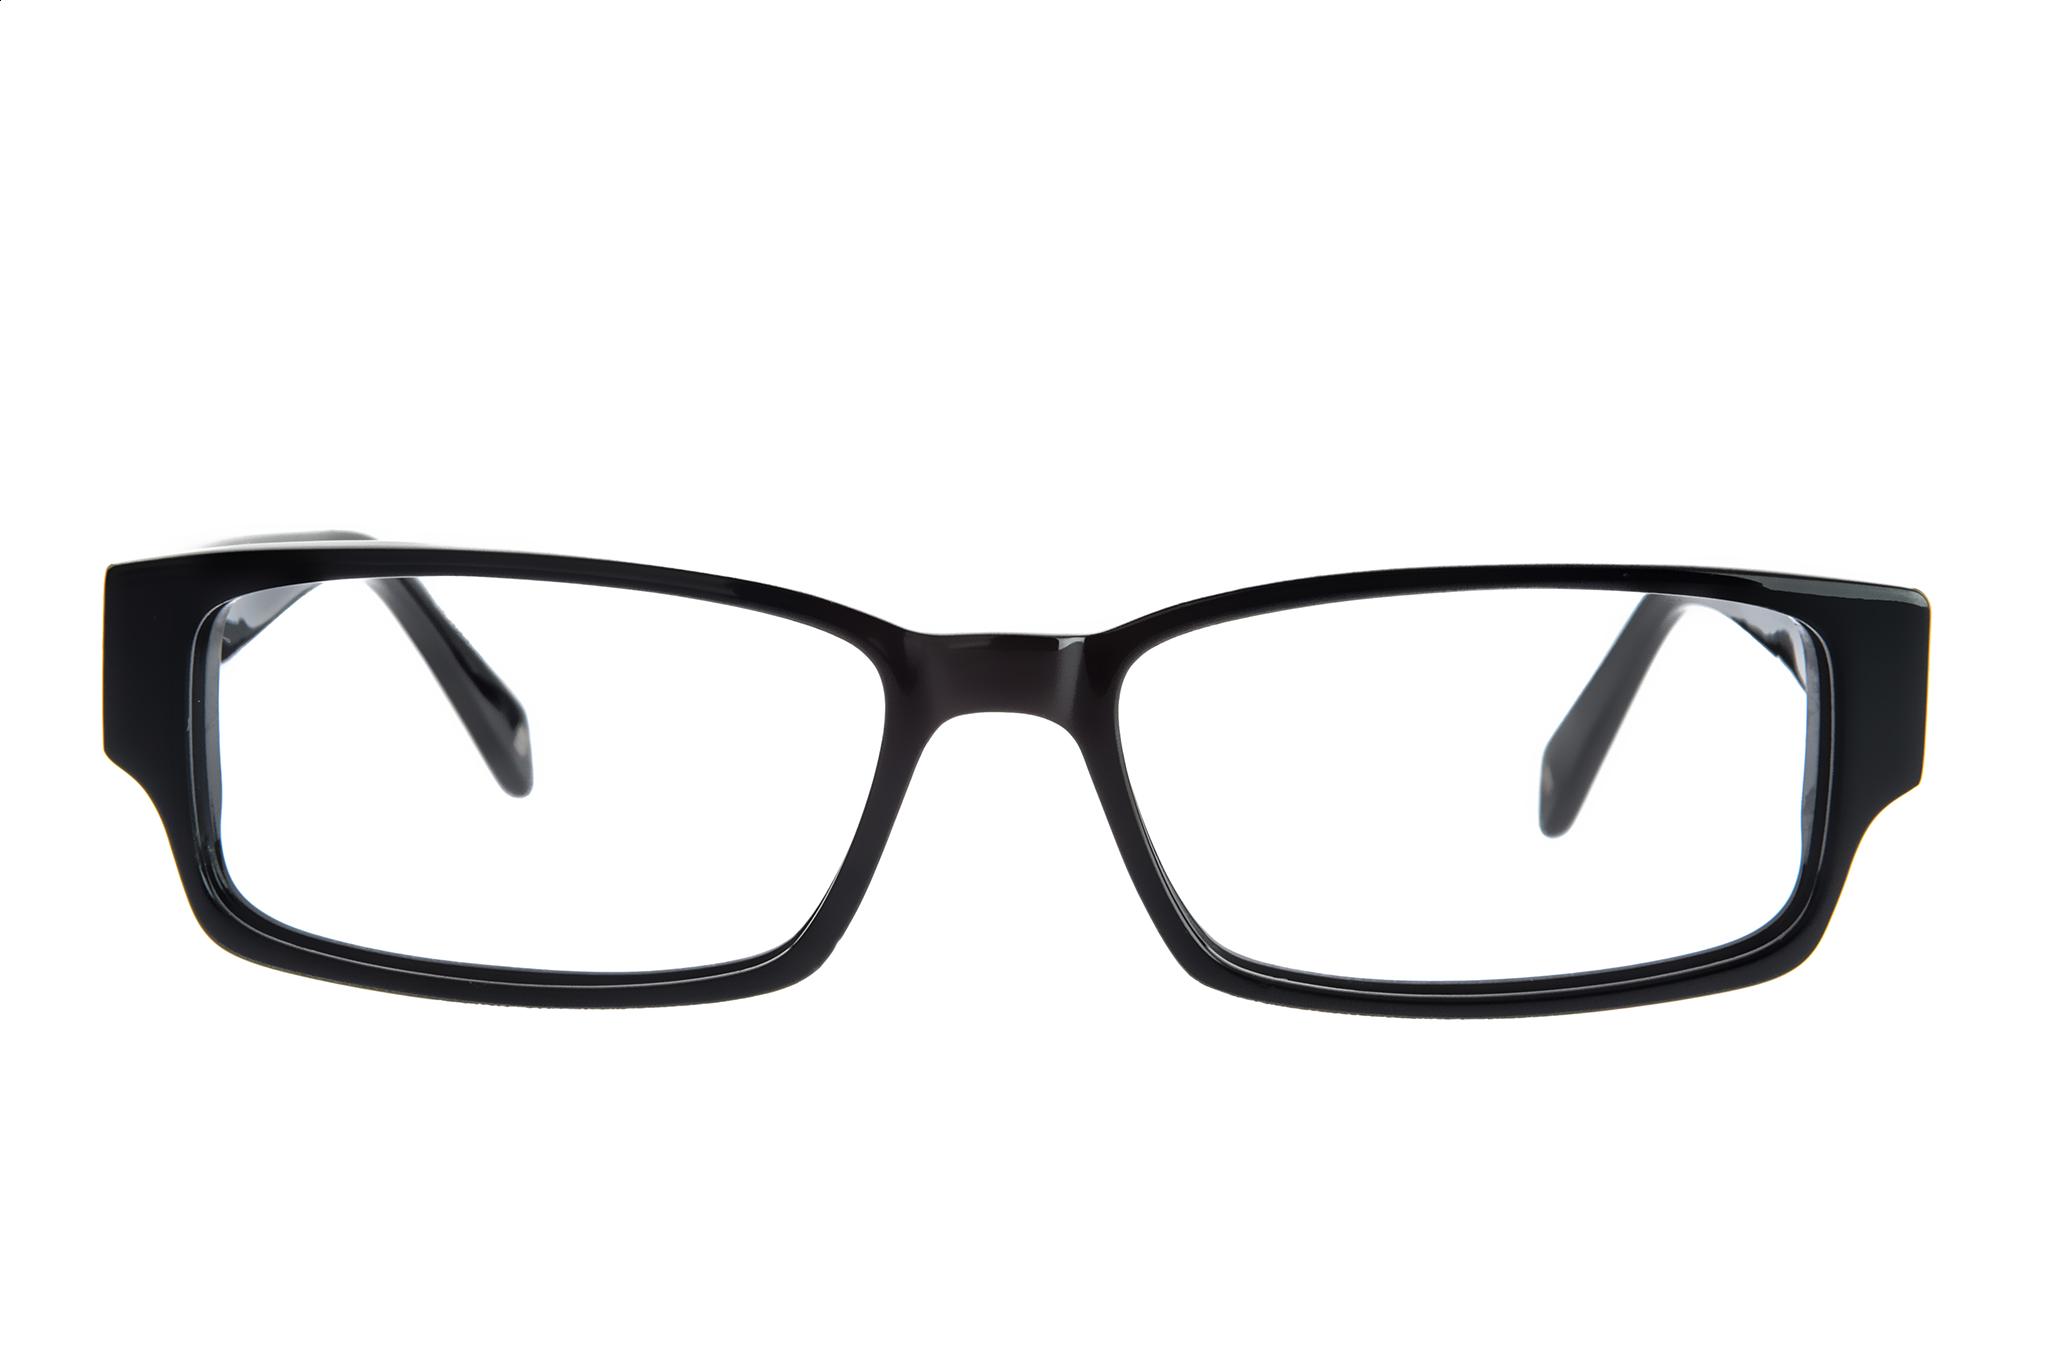 Glasses PNG - 21646